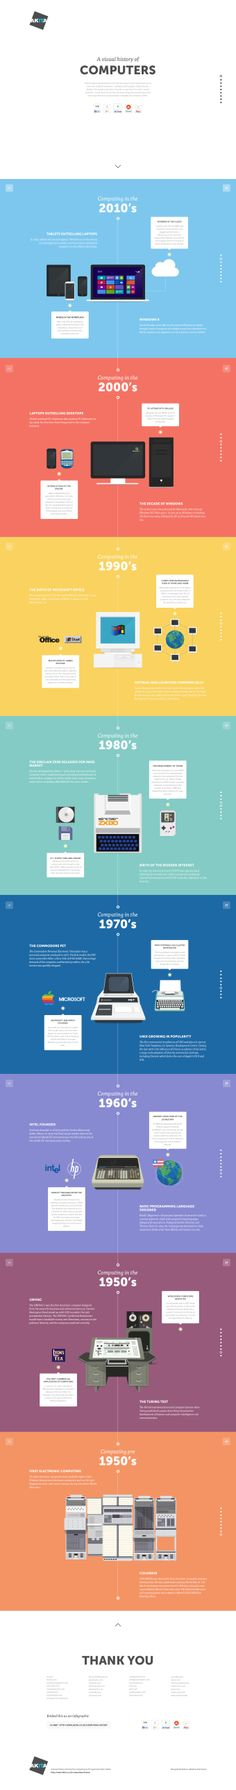 Historia visual de los ordenadores #infografia